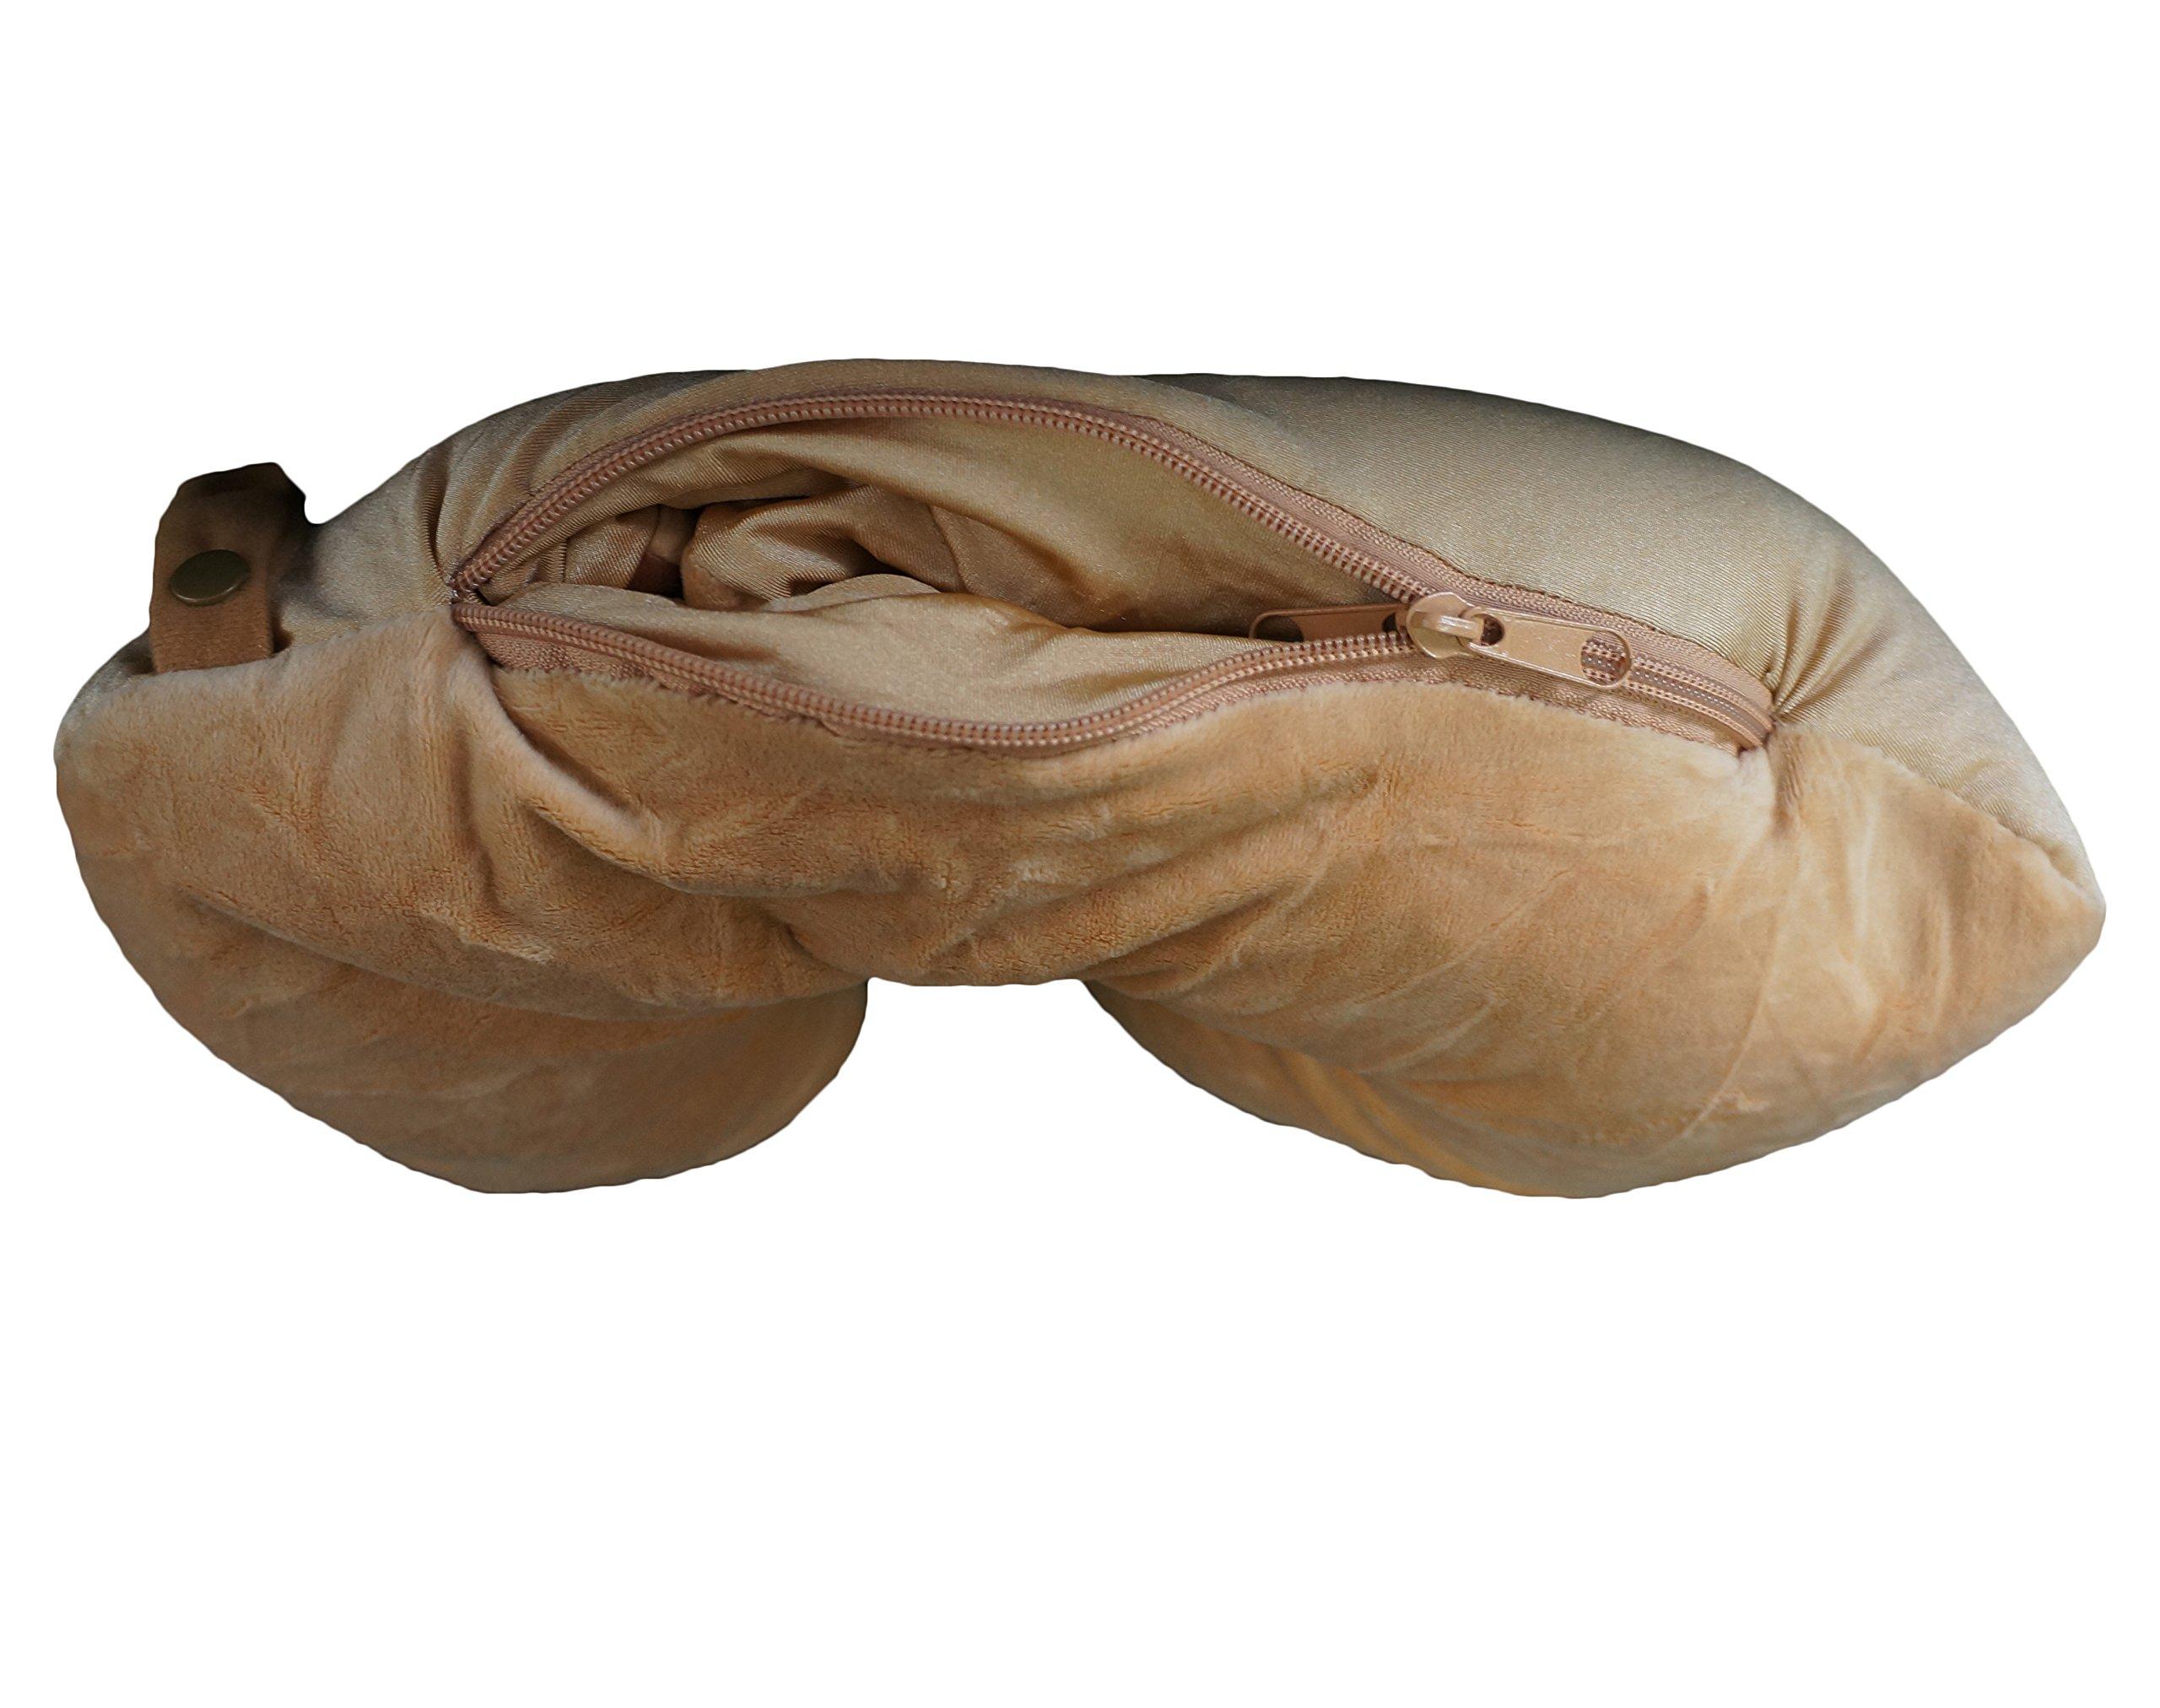 Yzakka Convertible Neck Pillow U Shaped Travel Pillow Stuffed Plush Toy Animal Dog by Yzakka (Image #5)